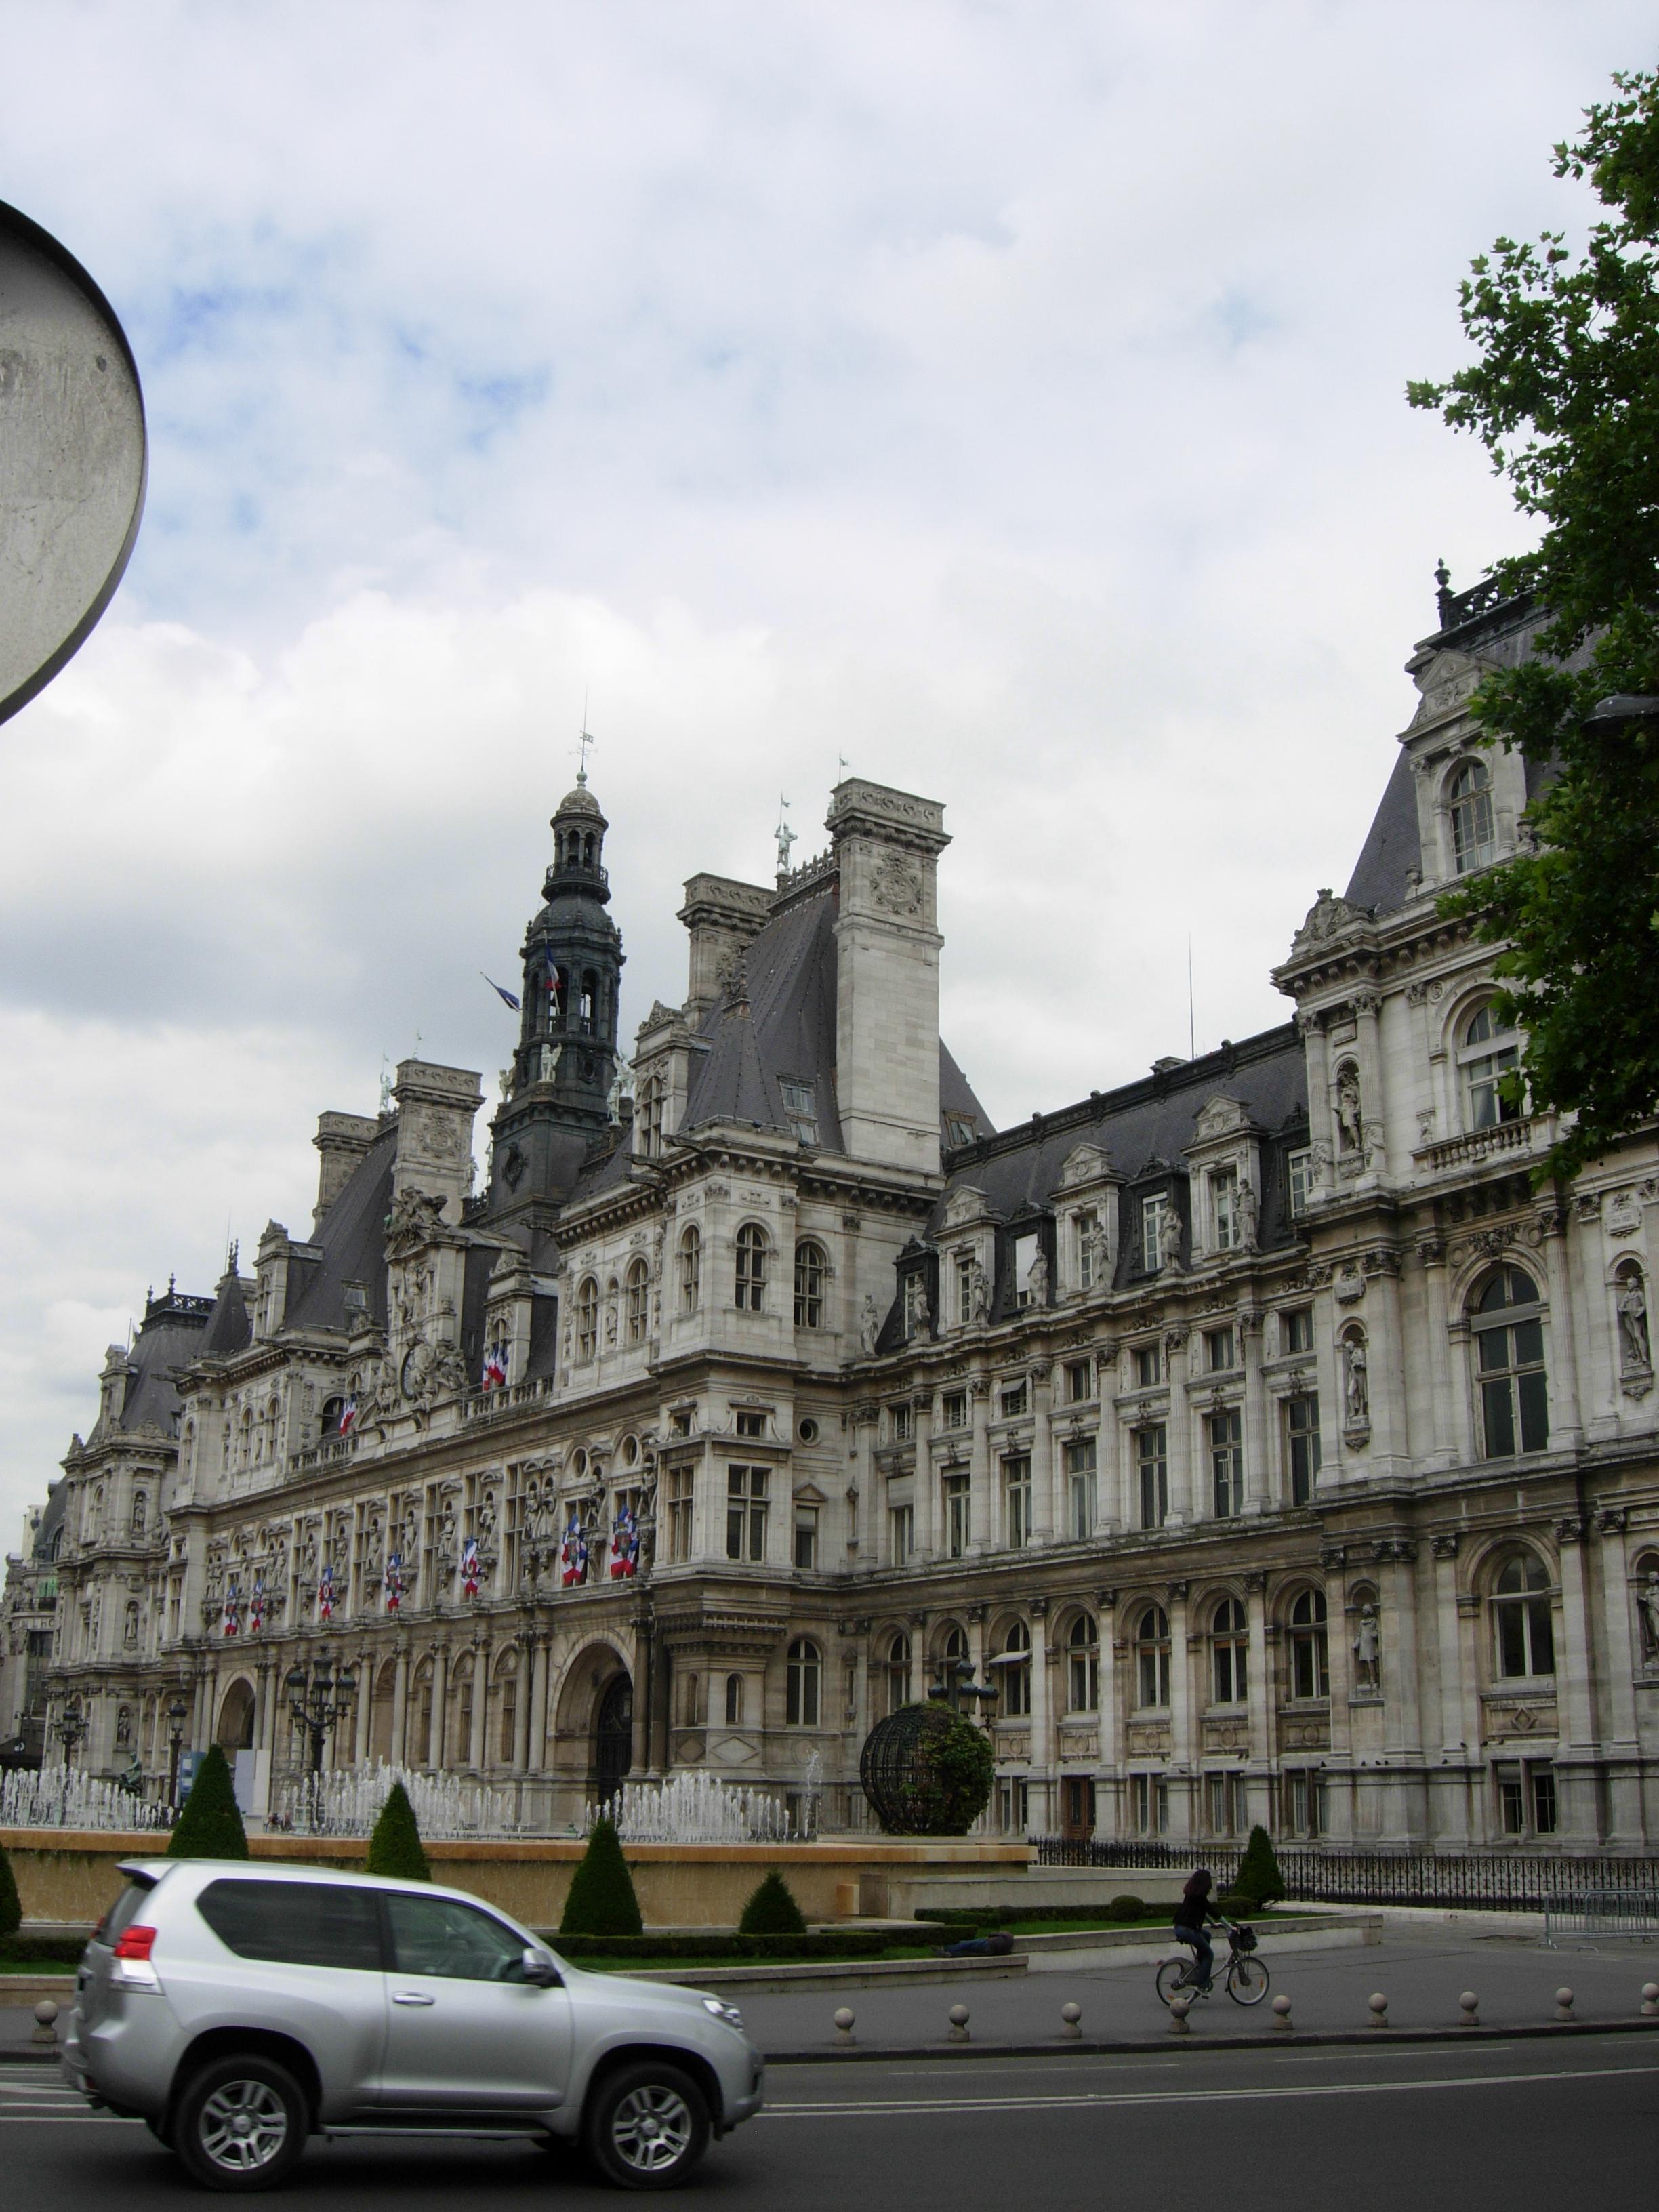 文化巴黎的魅力——卢浮宫、凯旋门……_图1-15